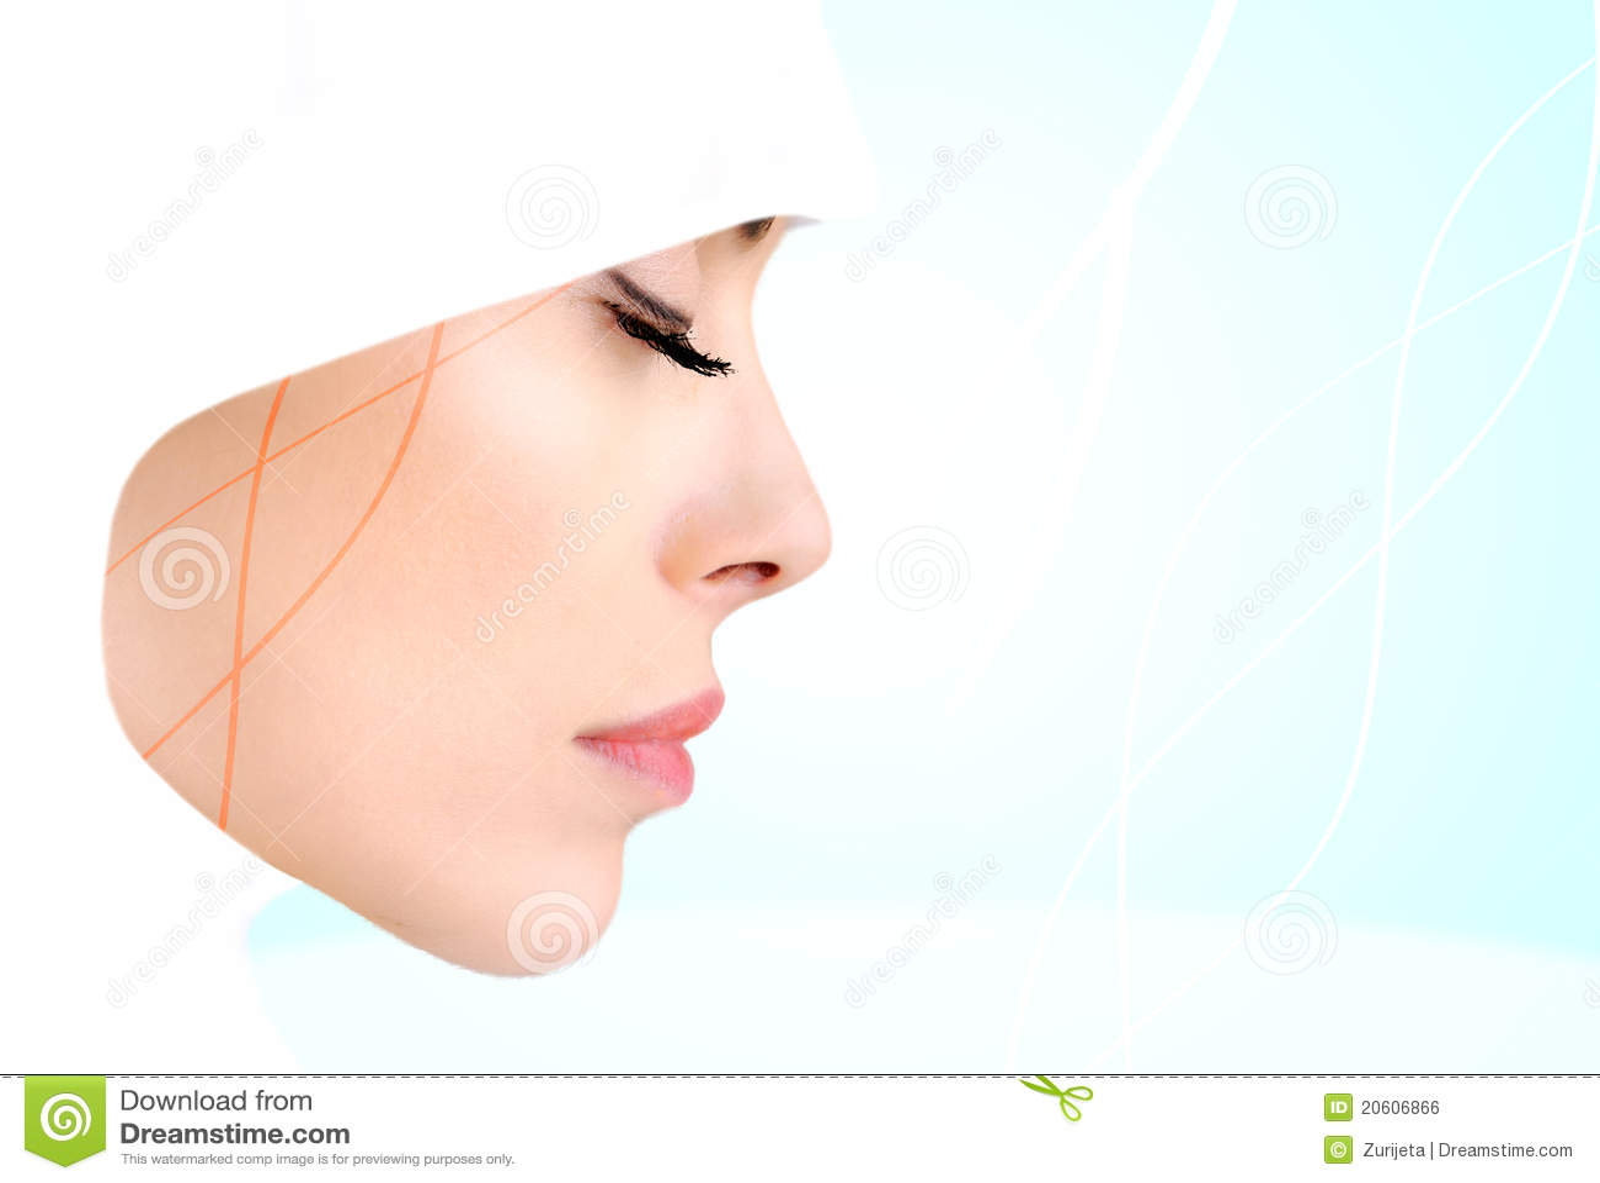 Profile photo of sensual beauty Muslim woman